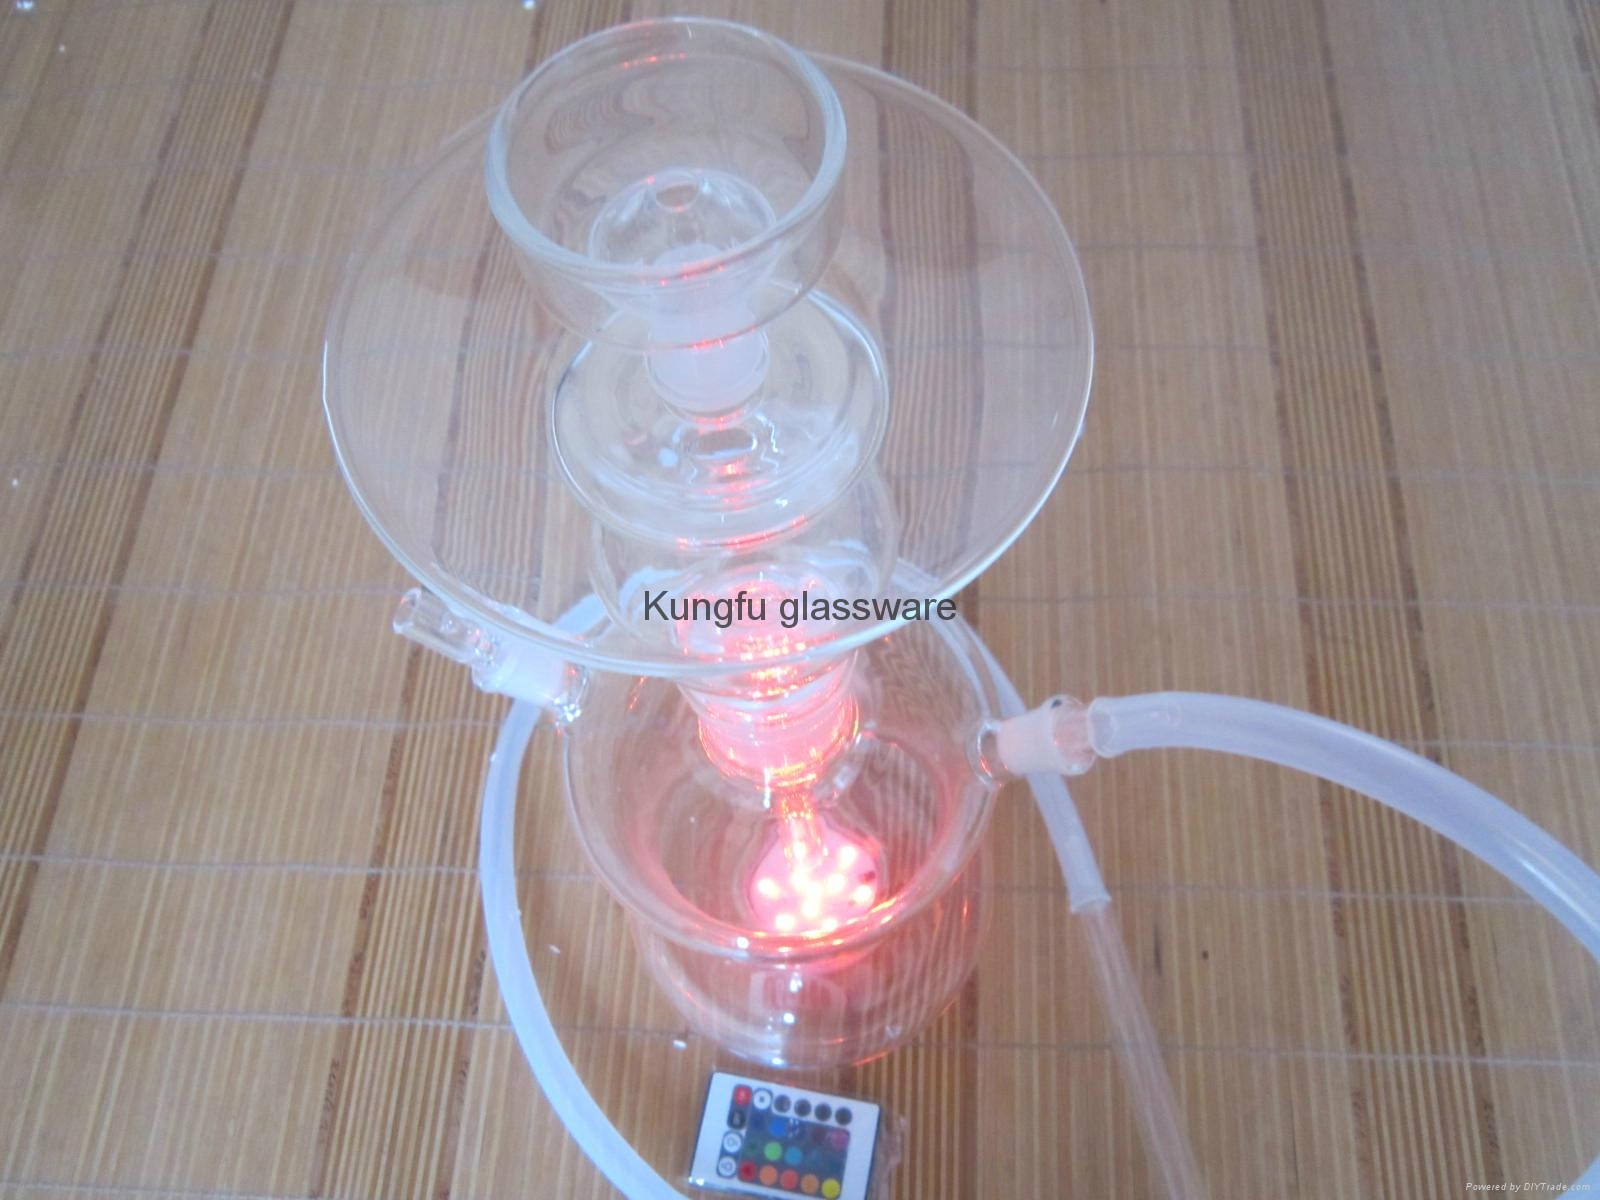 带变色led灯的俄罗斯玻璃艺术水烟 2